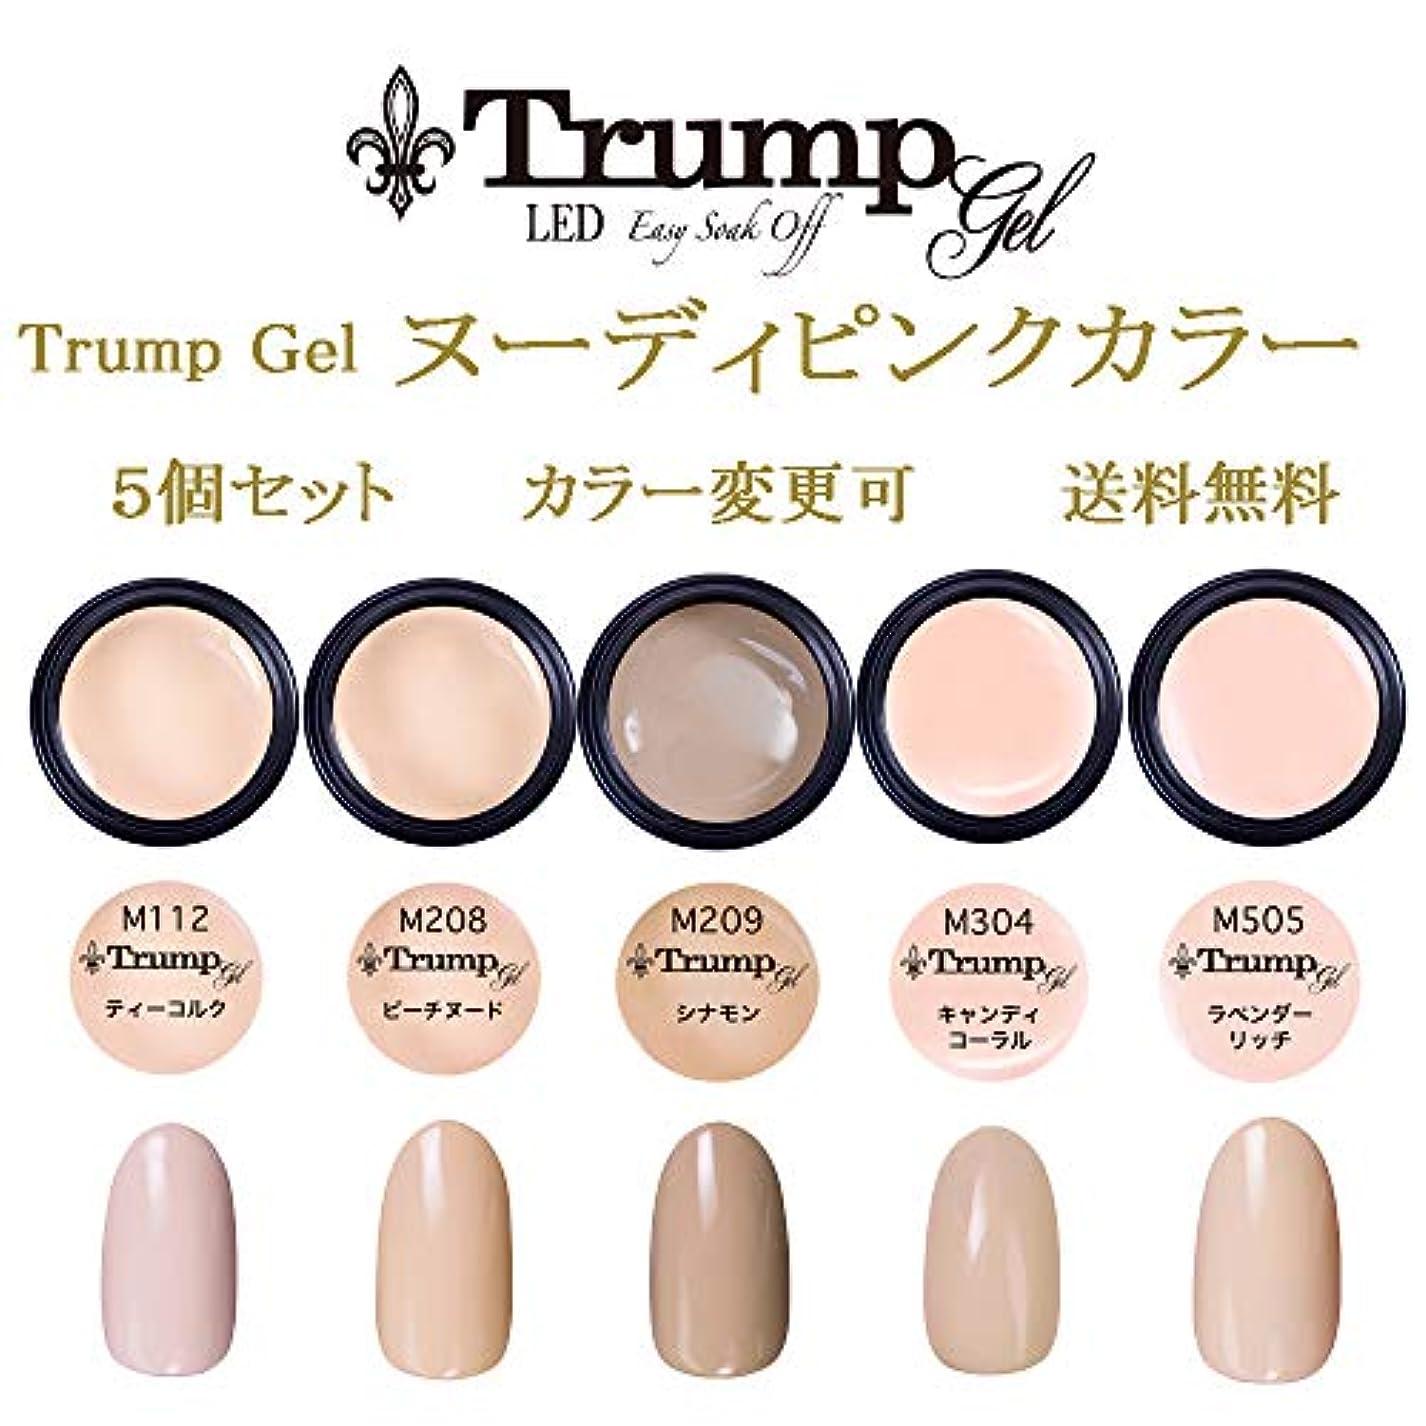 便利疑問を超えてなしで日本製 Trump gel トランプジェル ヌーディピンク 選べる カラージェル 5個セット ピンク ベージュ ヌーディカラー